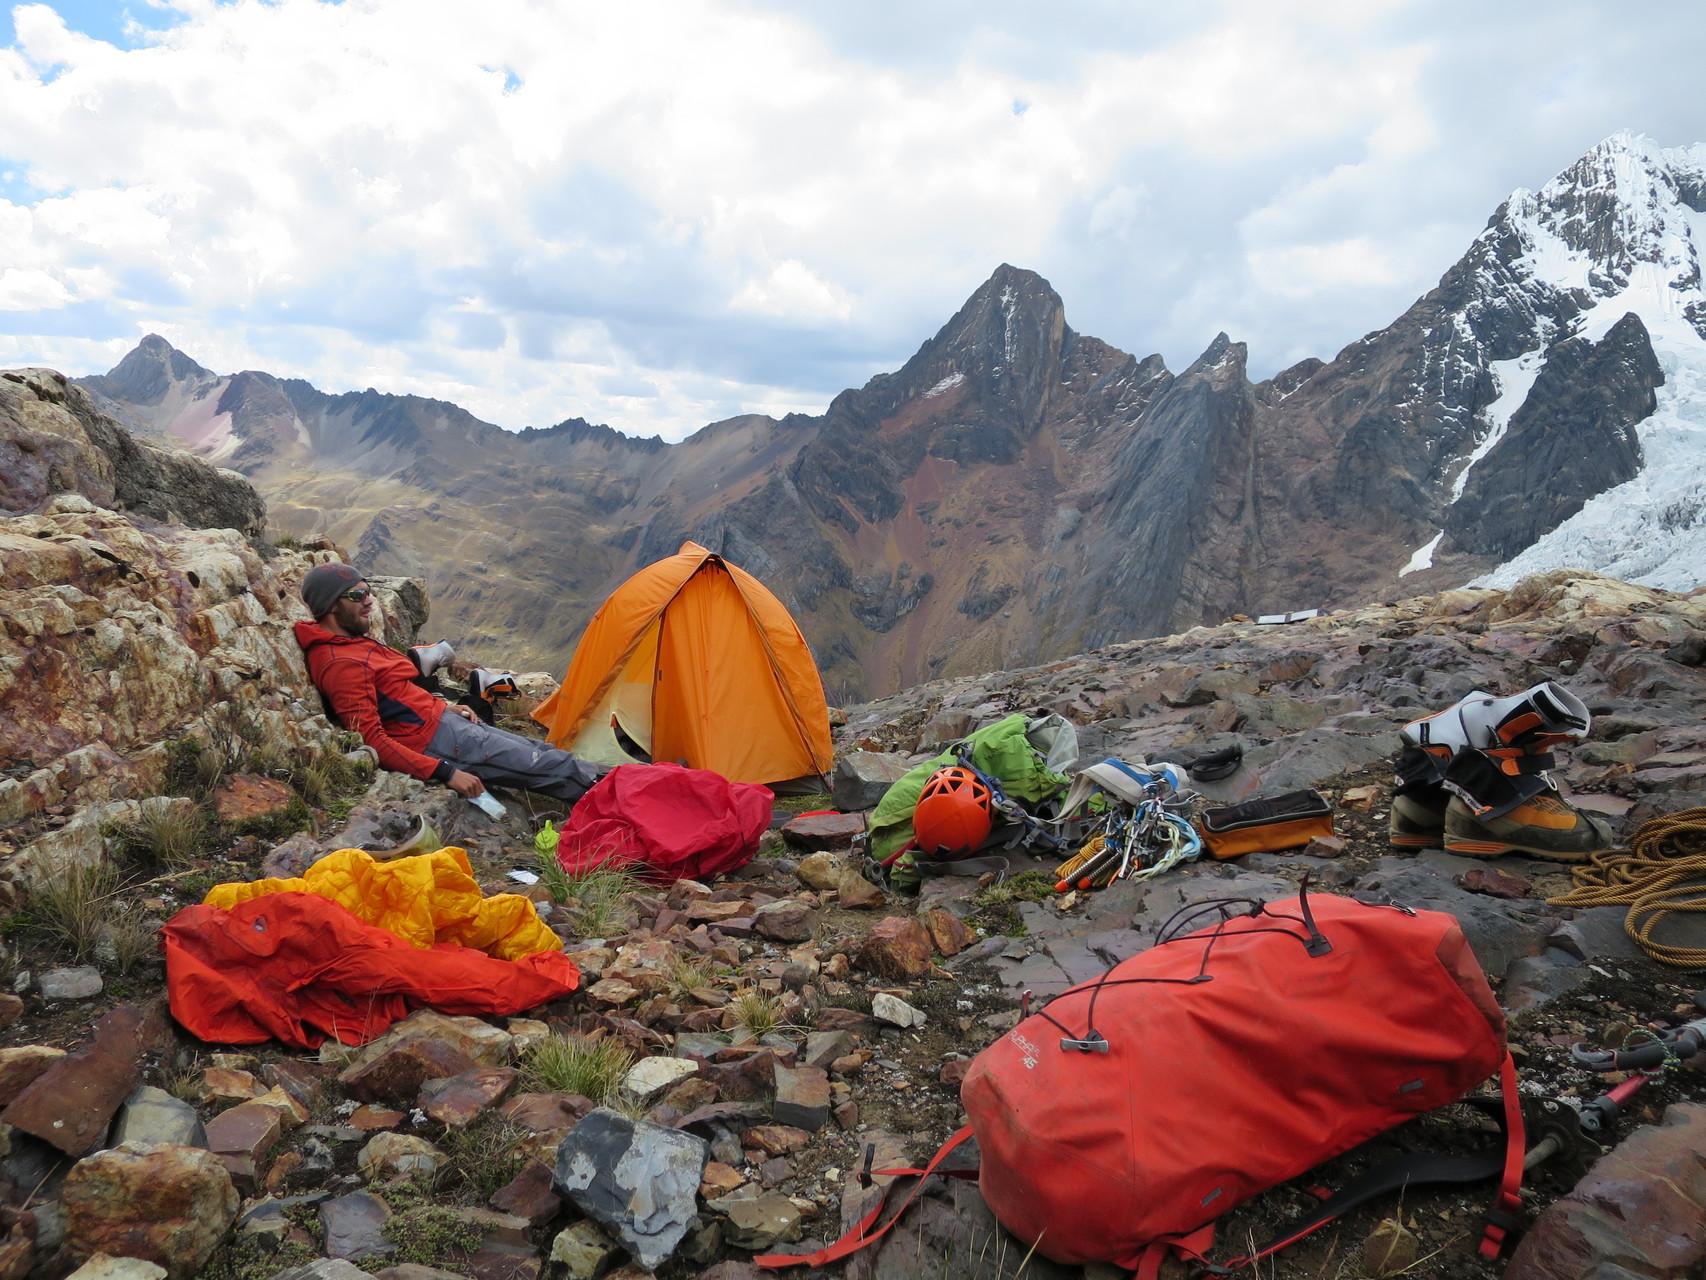 Zurück beim Zelt, 1400hm auf dieser Höhe sind doch etwas anstrengend